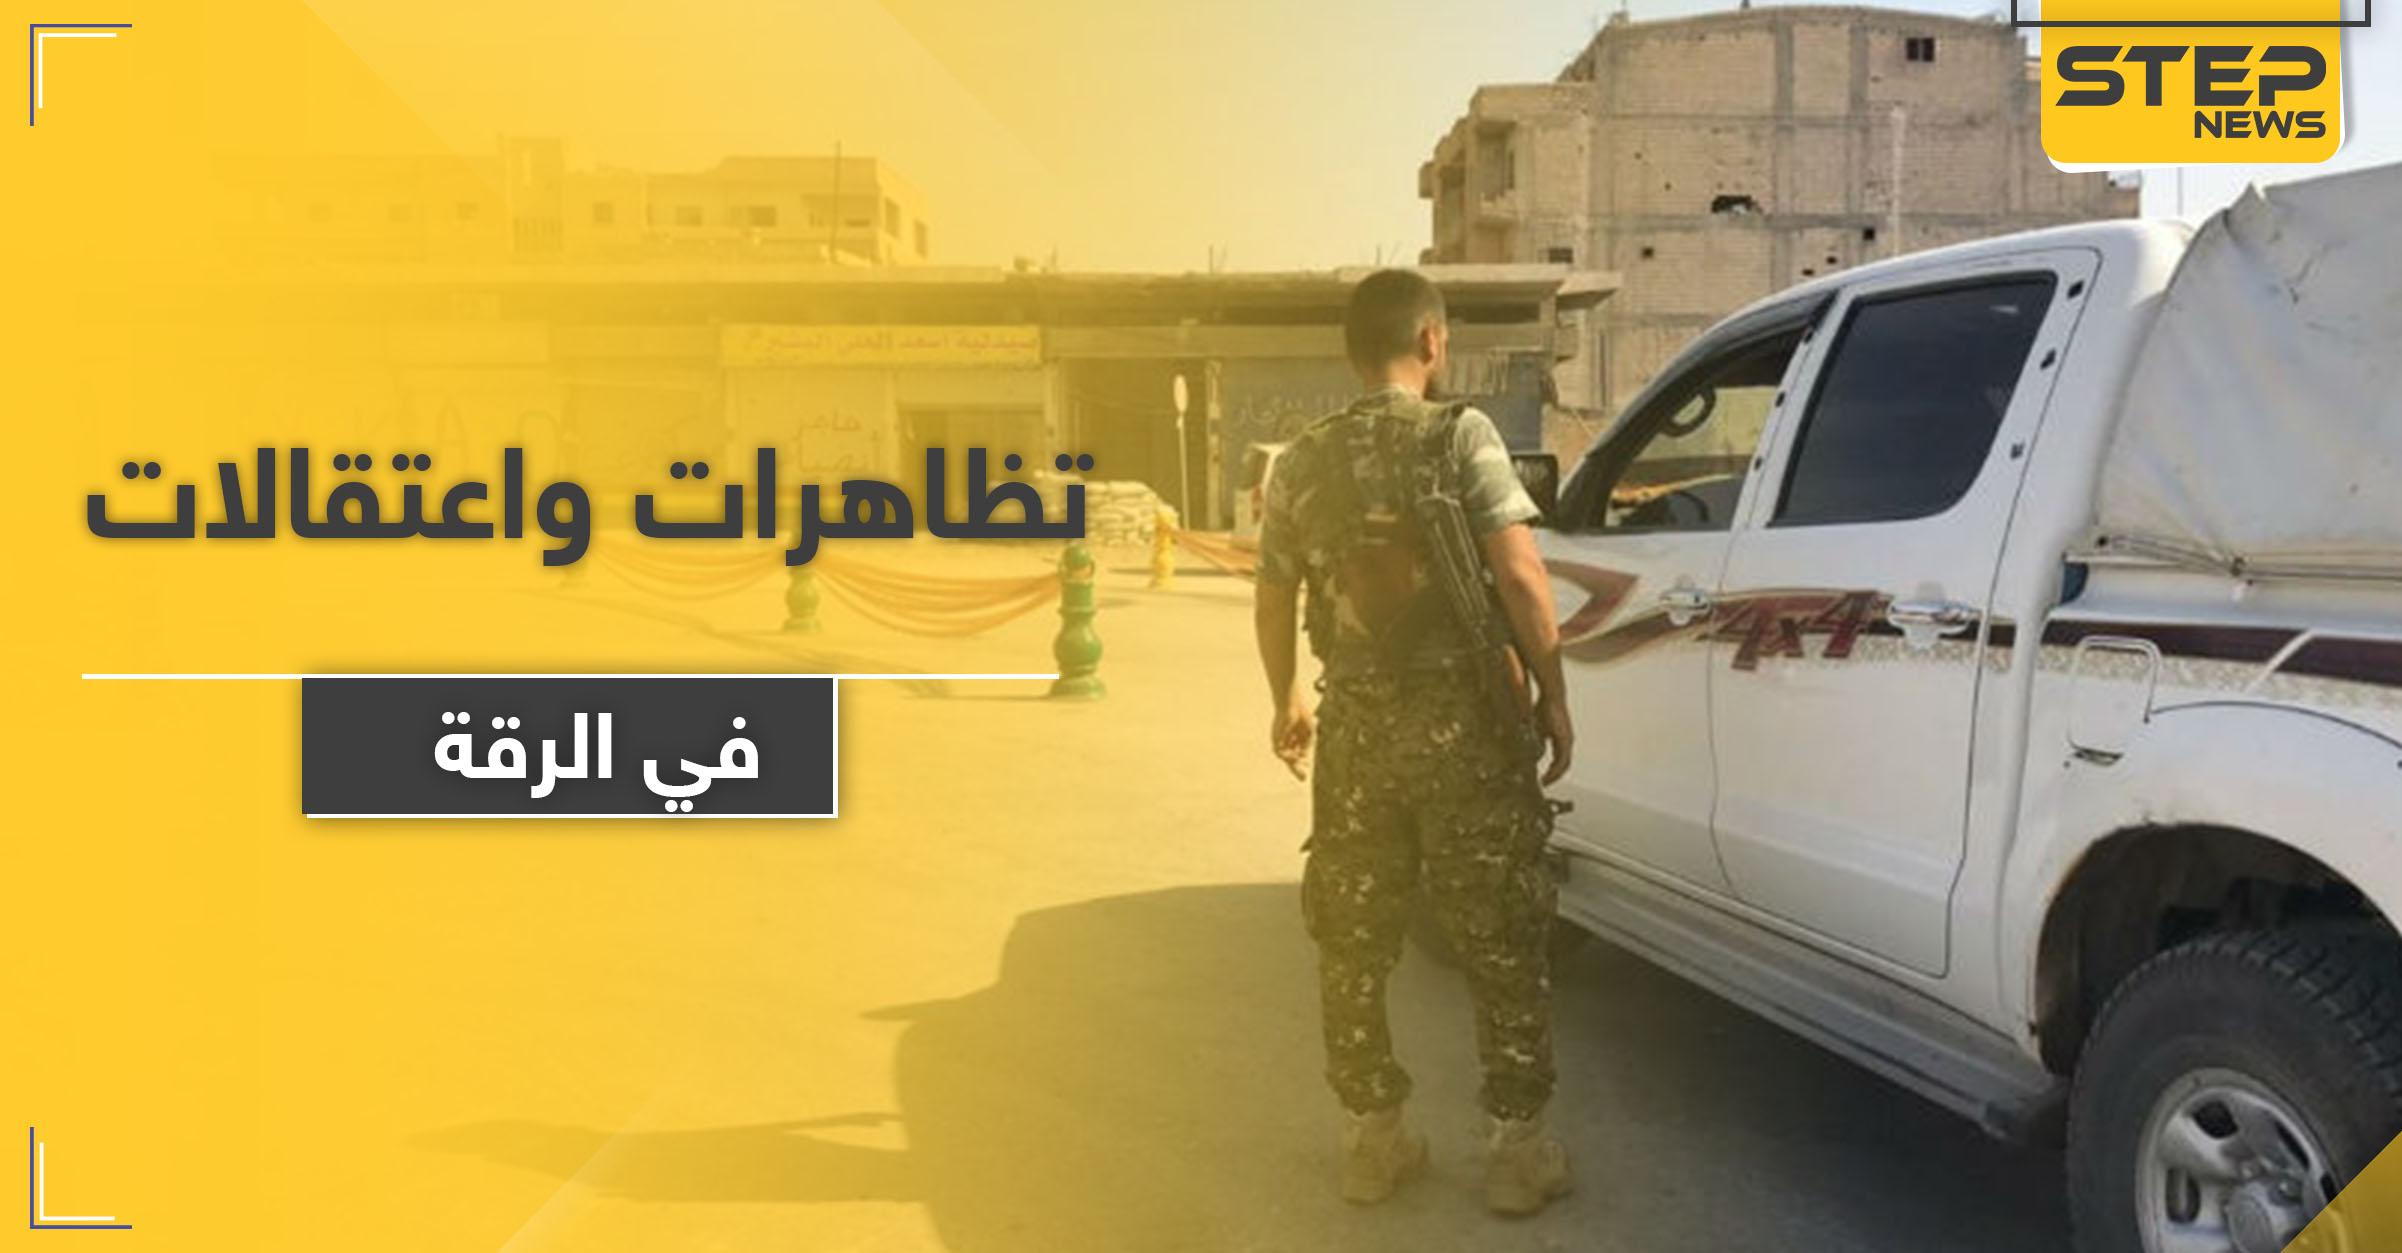 مناطق النظام السوري في الرقة على صفيح ساخن.. اعتقالات ومظاهرات